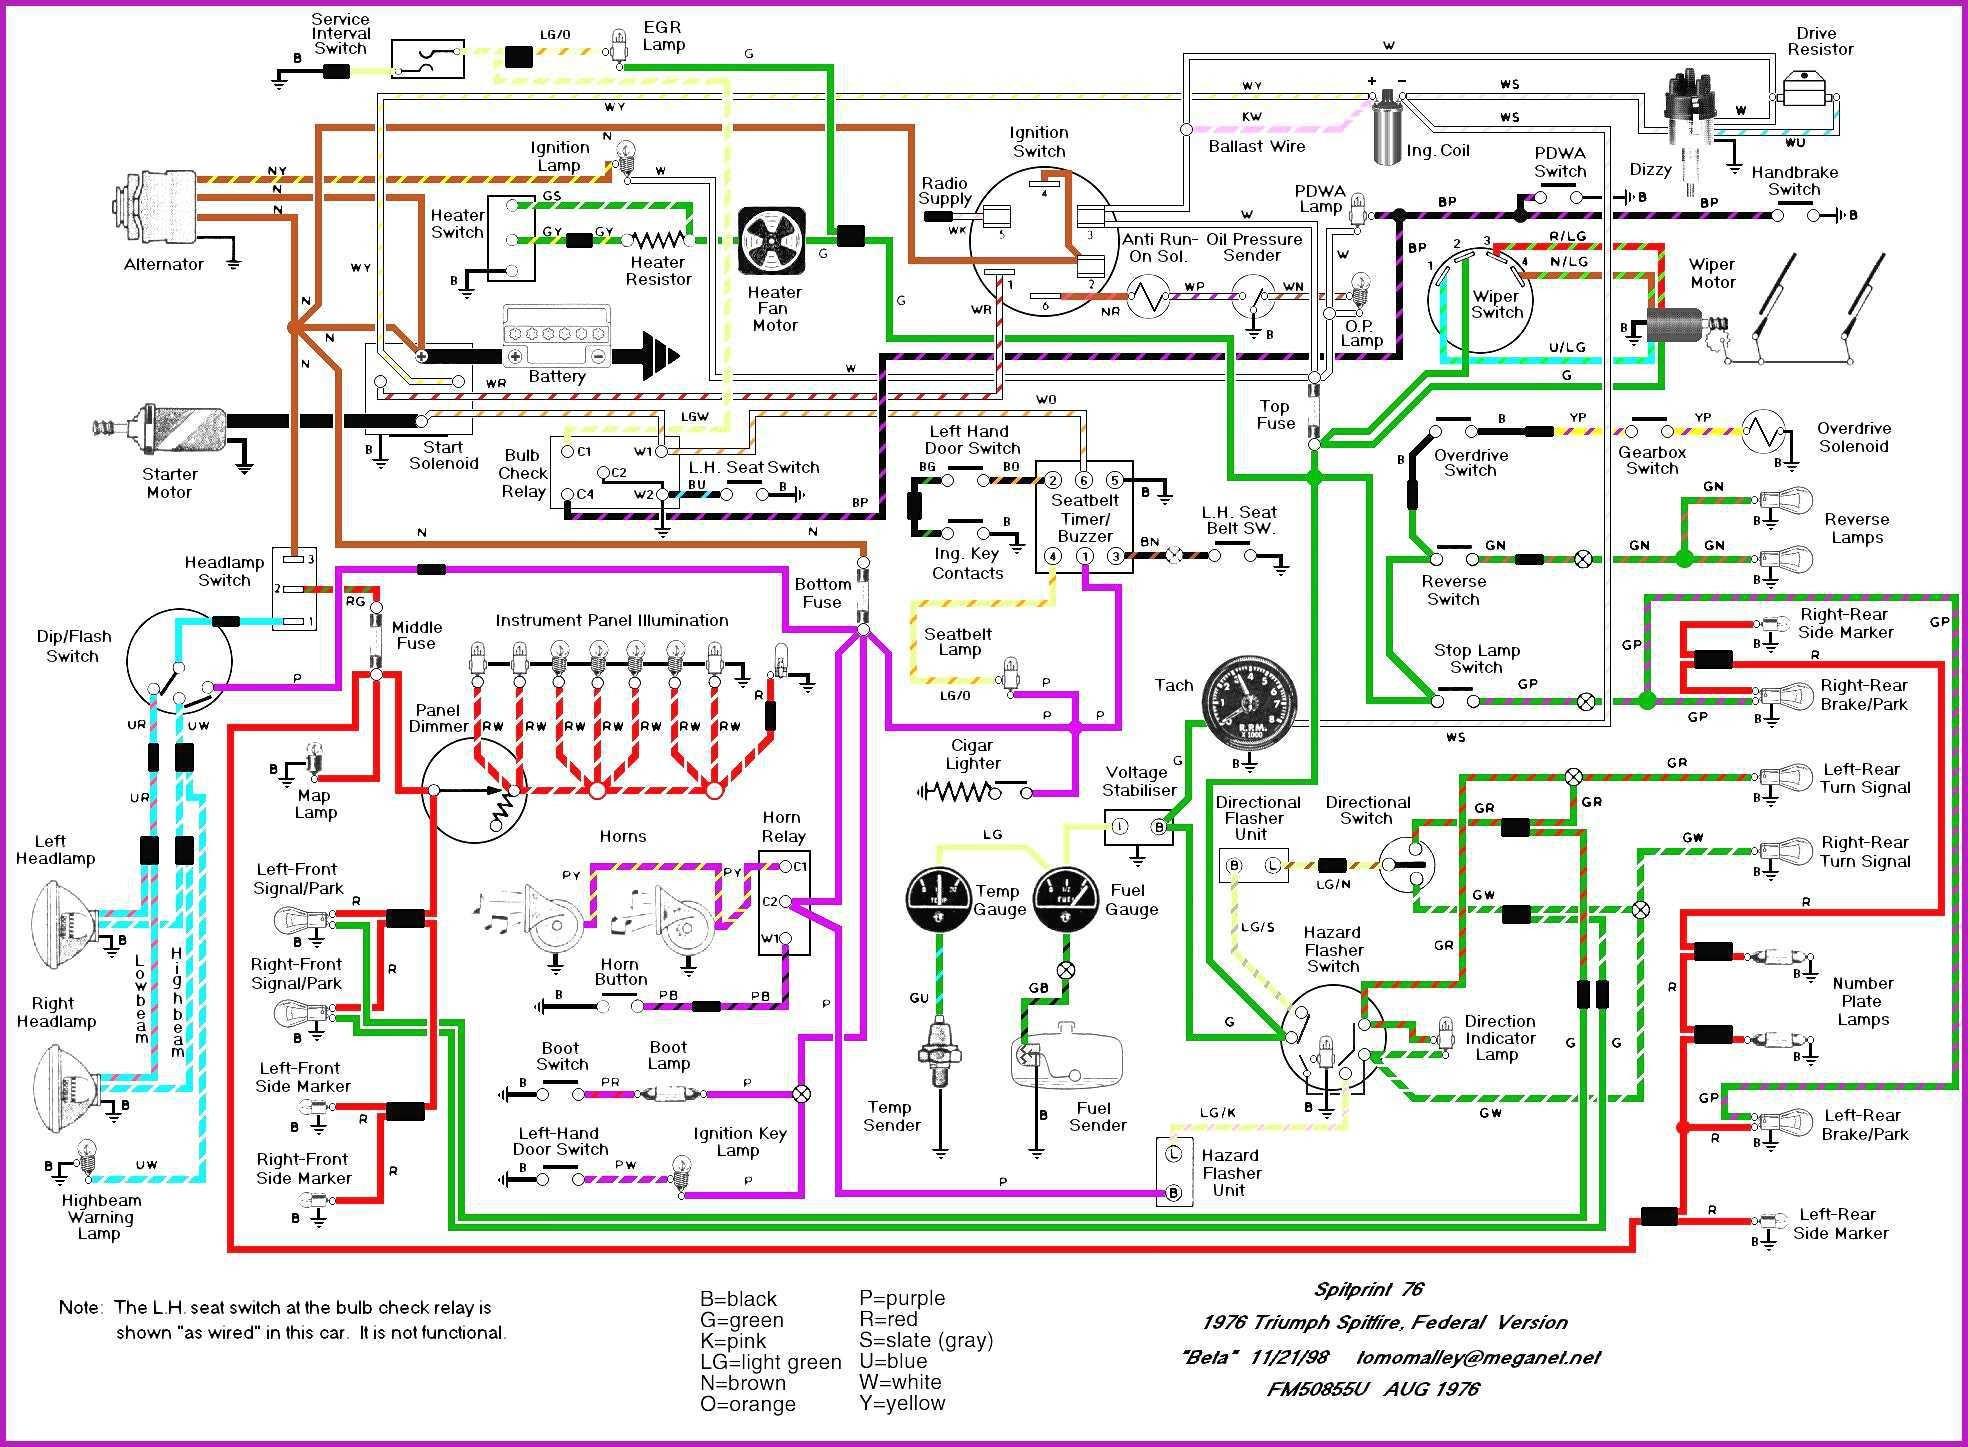 Strange Electrical Wiring Diagram Software Free Download Wirings Diagram Wiring Digital Resources Funapmognl